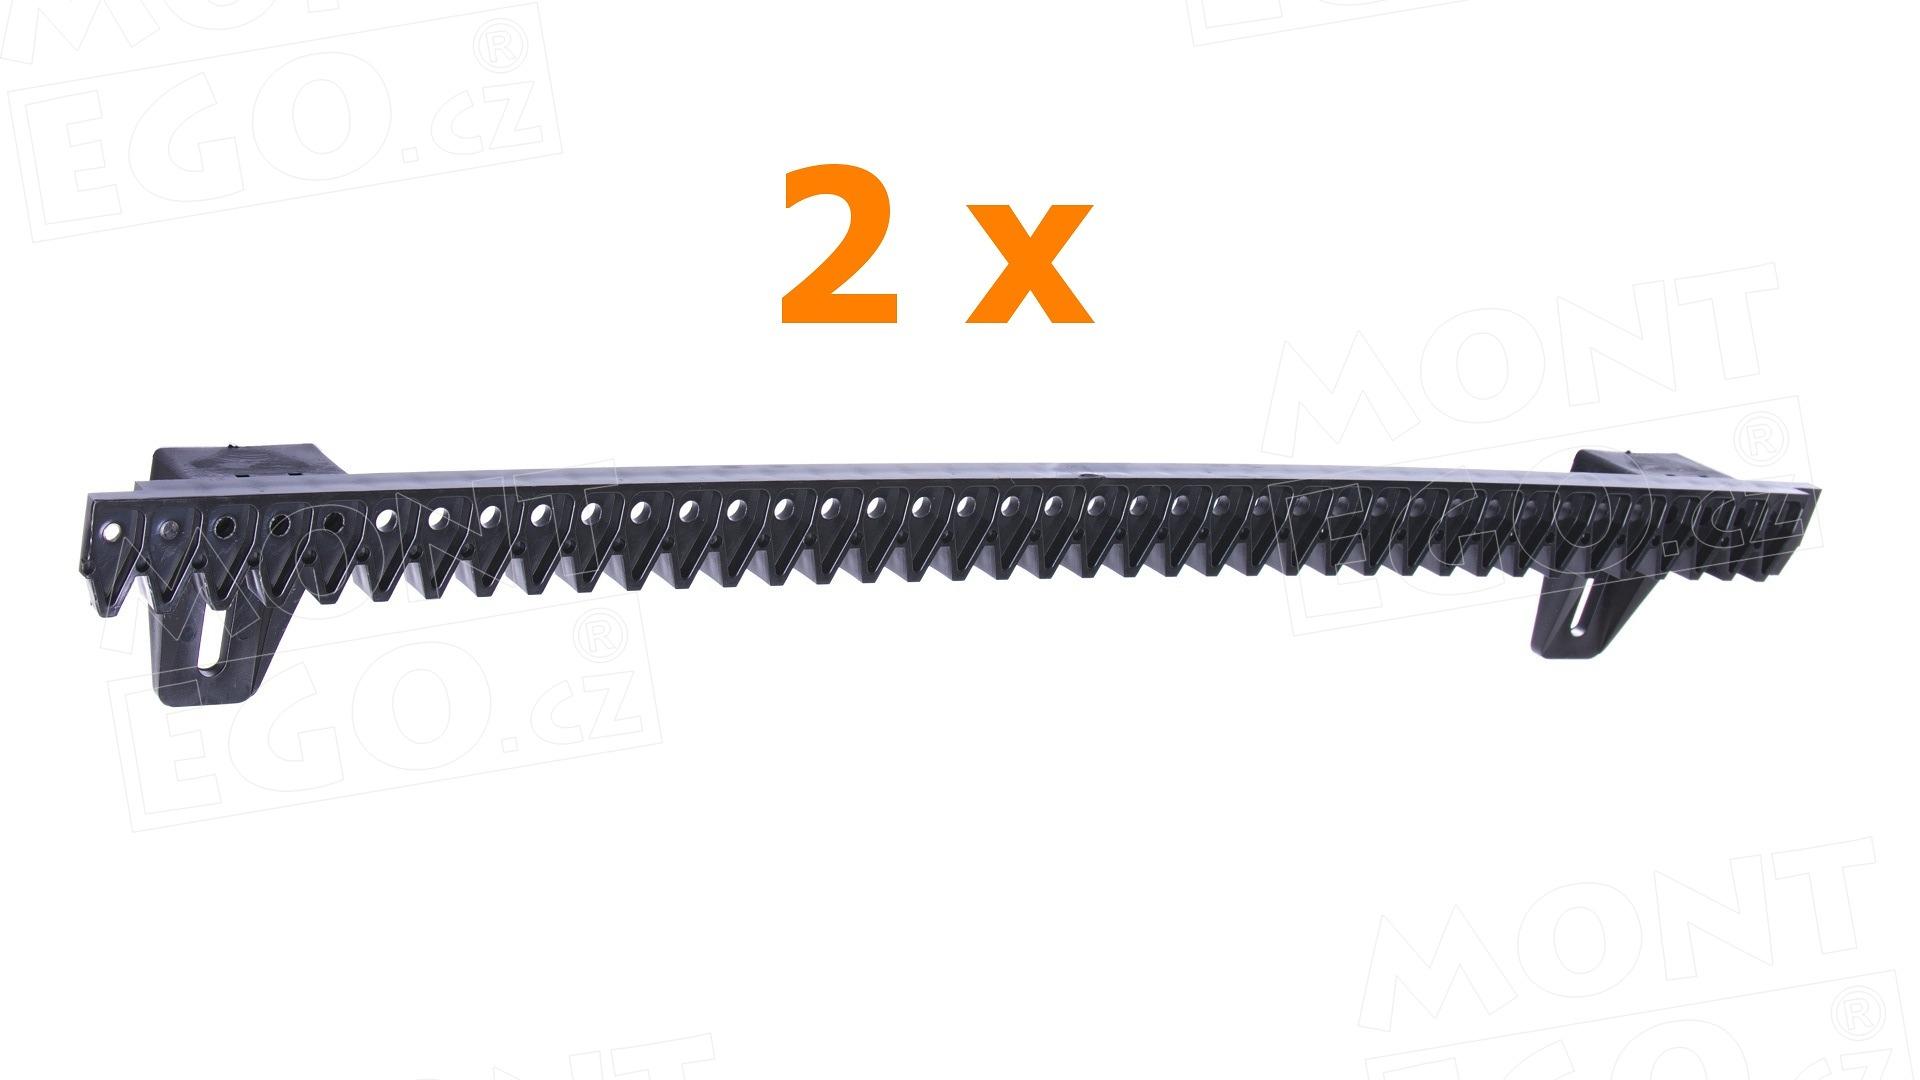 Plastový ozubený hřeben HR050.N pro pohony posuvných bran, délka 2 x 0,5m, šířka jen 12 mm